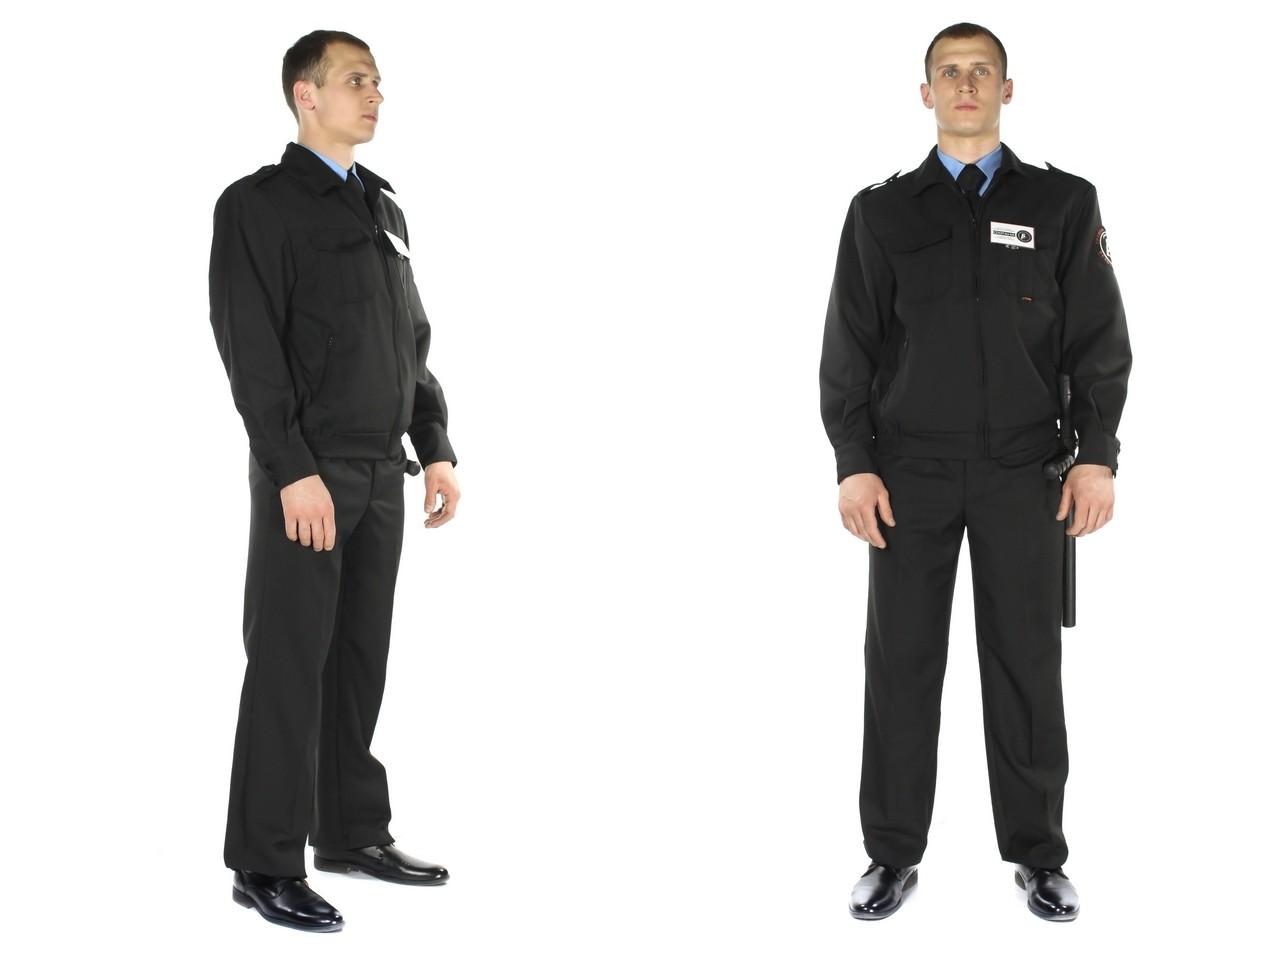 форма одежды охранника фото терроризма невинные